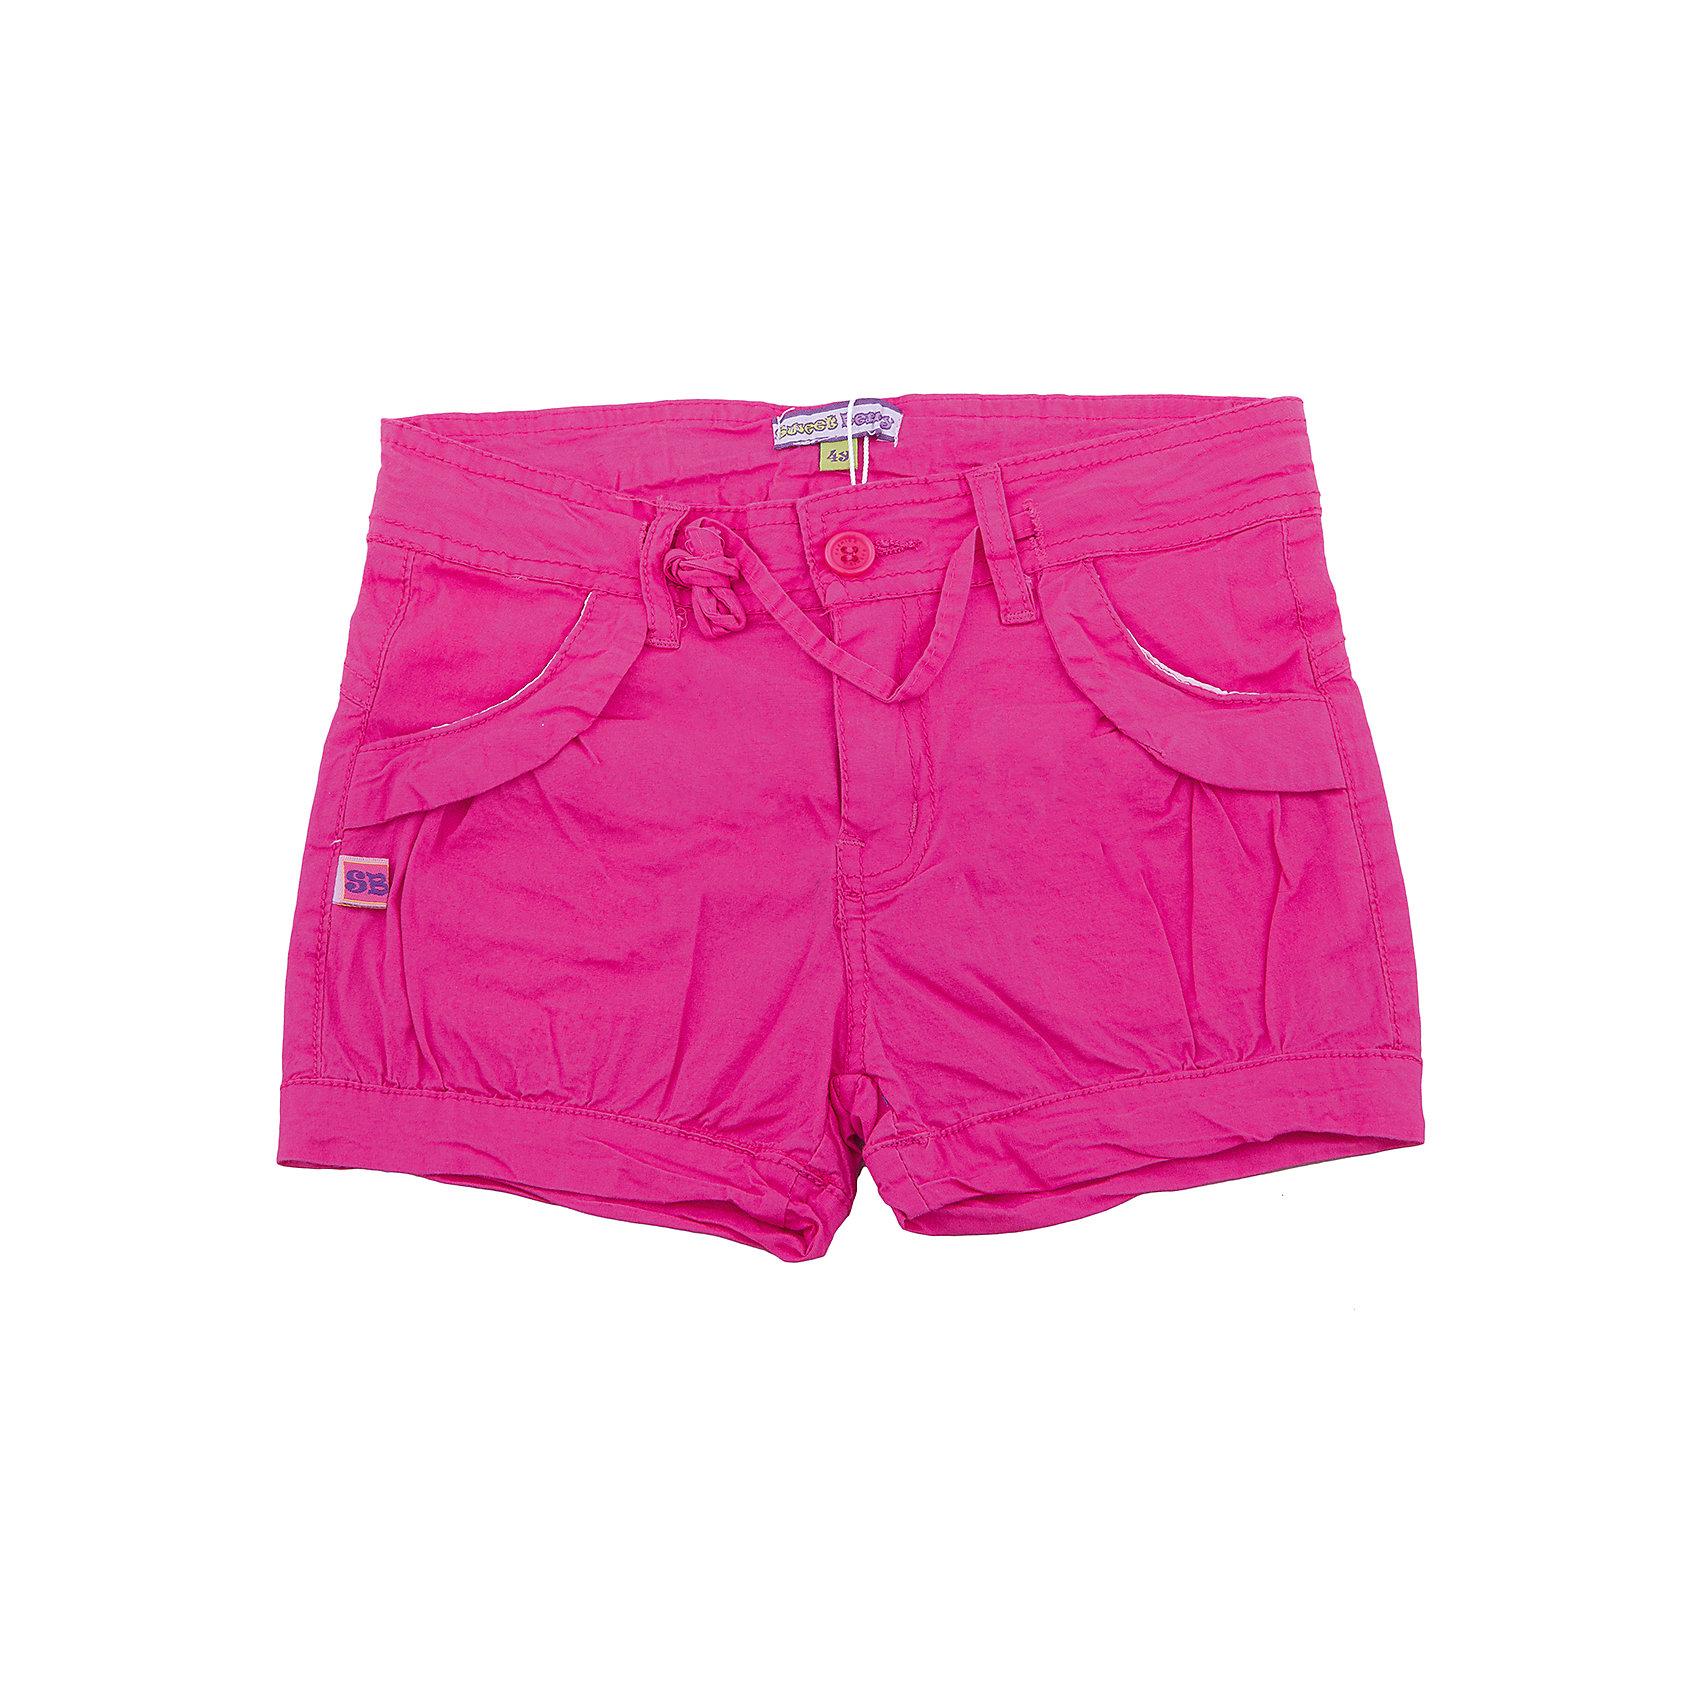 Шорты для девочки Sweet BerryШорты, бриджи, капри<br>Шорты ярко-розового цвета из хлопковой ткани для девочки.   Пояс дополнен шнуром для регулирования объема. Два внутренних свободных кармана.<br>Состав:<br>хлопок 95%, спандекс 5%<br><br>Ширина мм: 191<br>Глубина мм: 10<br>Высота мм: 175<br>Вес г: 273<br>Цвет: розовый<br>Возраст от месяцев: 36<br>Возраст до месяцев: 48<br>Пол: Женский<br>Возраст: Детский<br>Размер: 104,98,110,116,122,128<br>SKU: 5412499